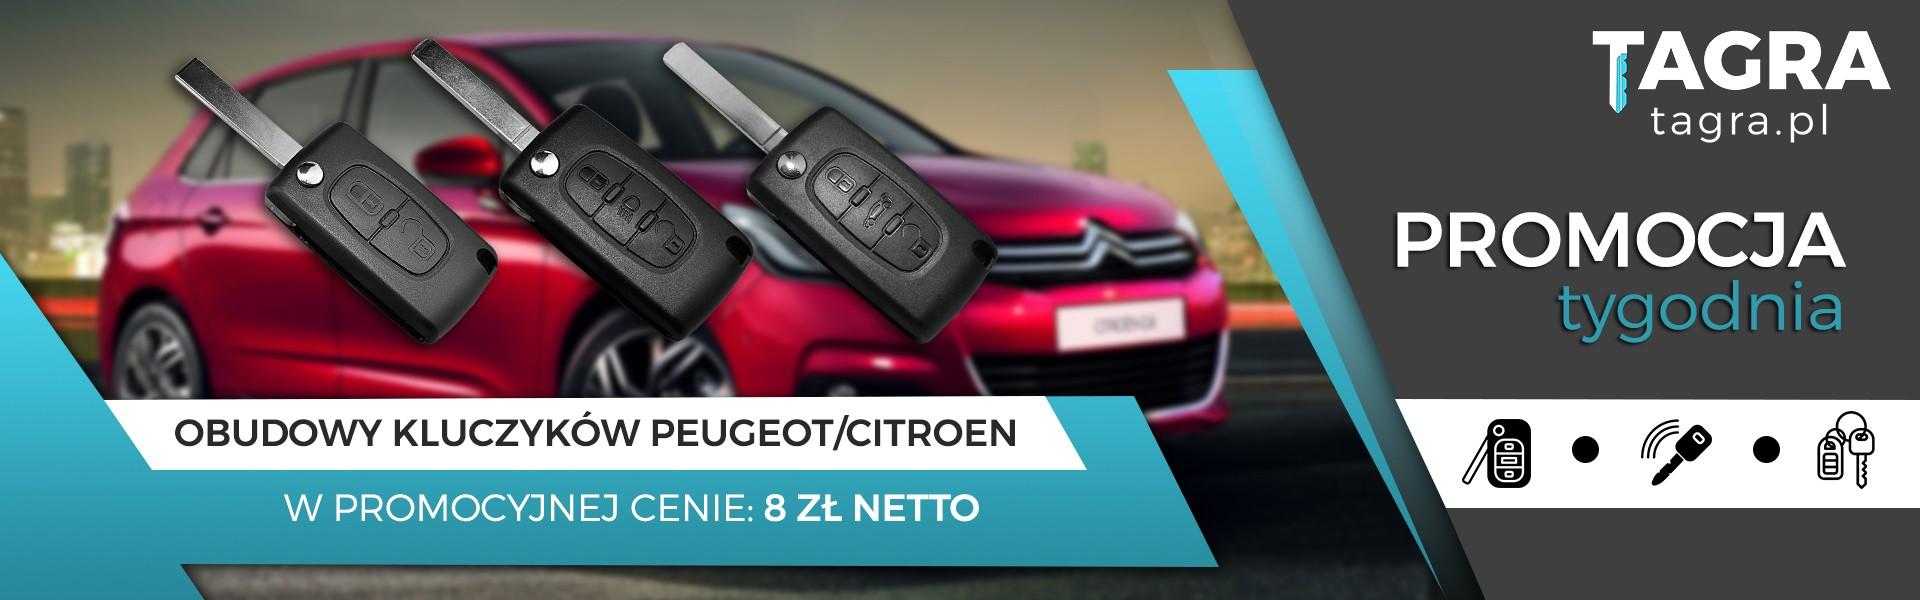 Tylko u Nas w PROMOCYJNEJ Cenie Obudowy Peugeot/Citroen